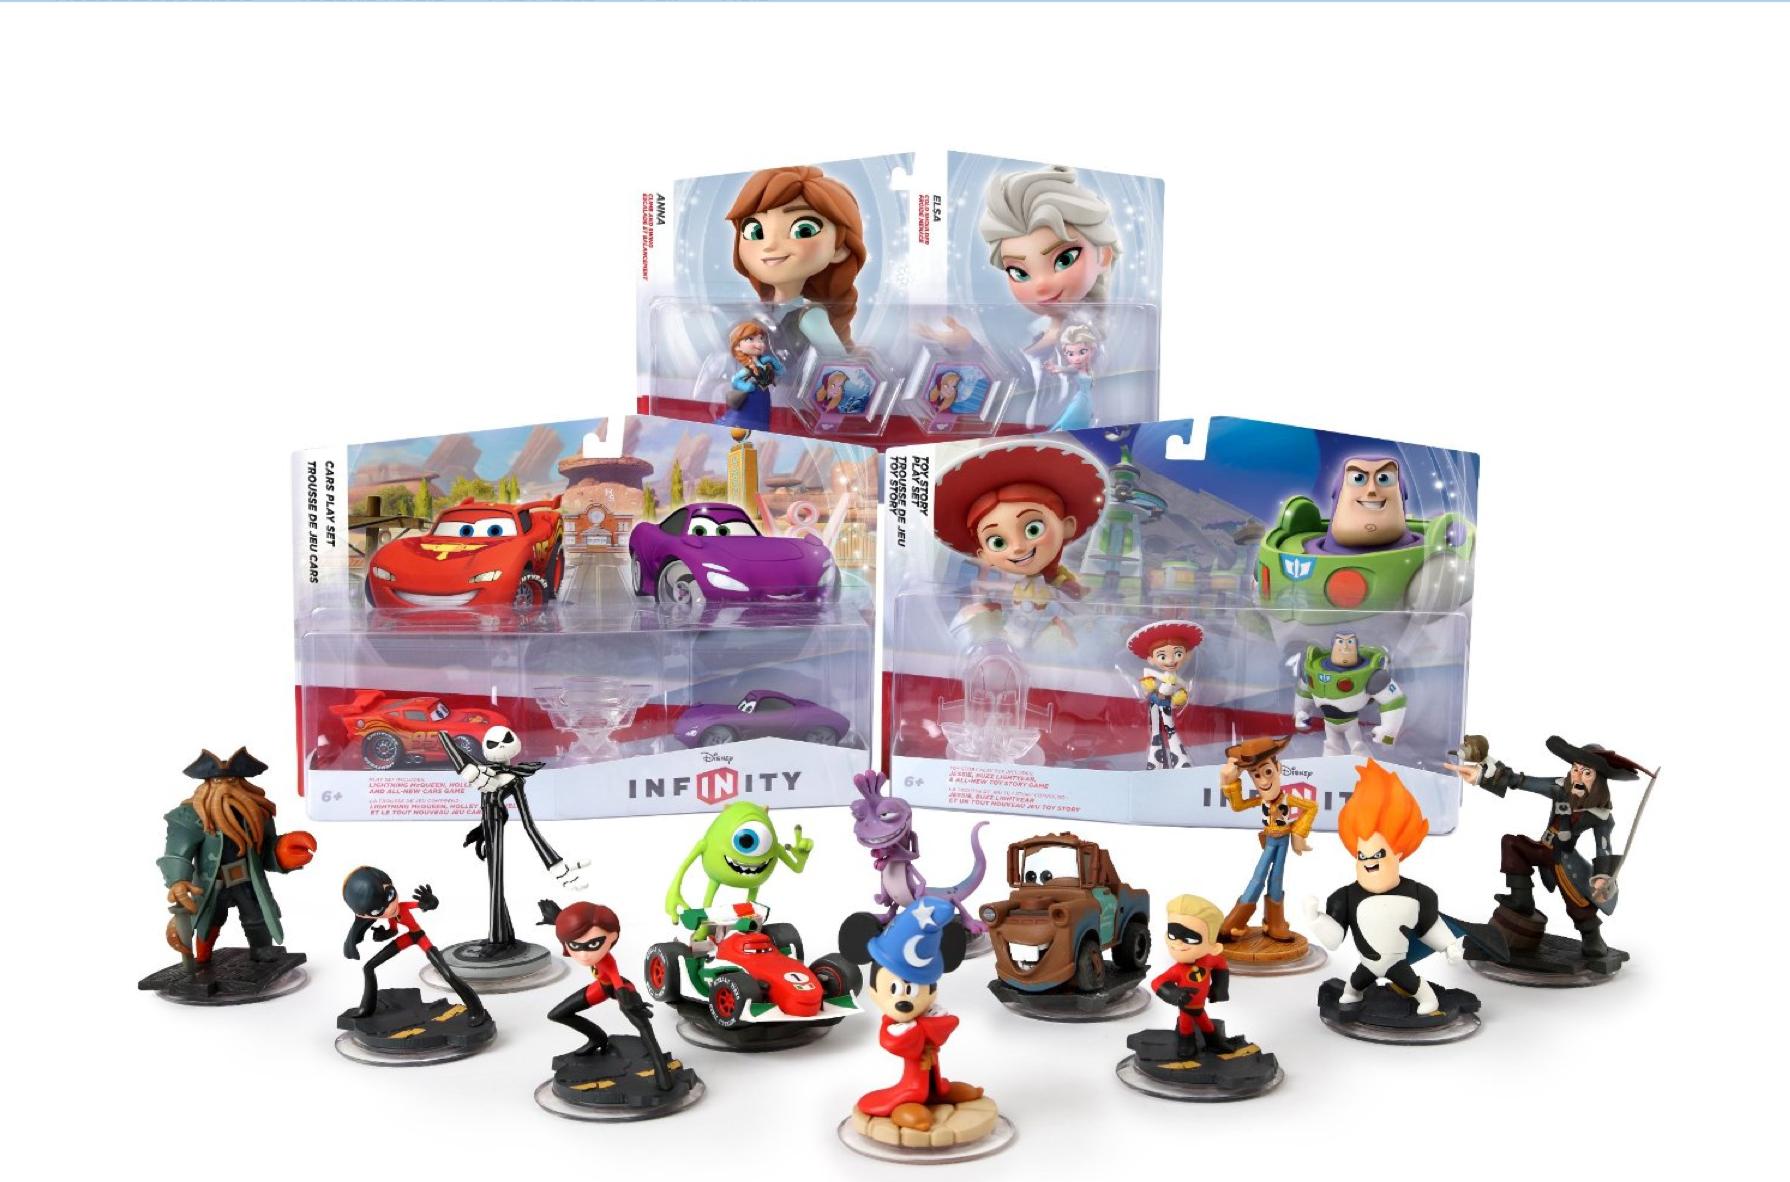 Ofertas Y Packs De Disney Infinity Hobbyconsolas Juegos